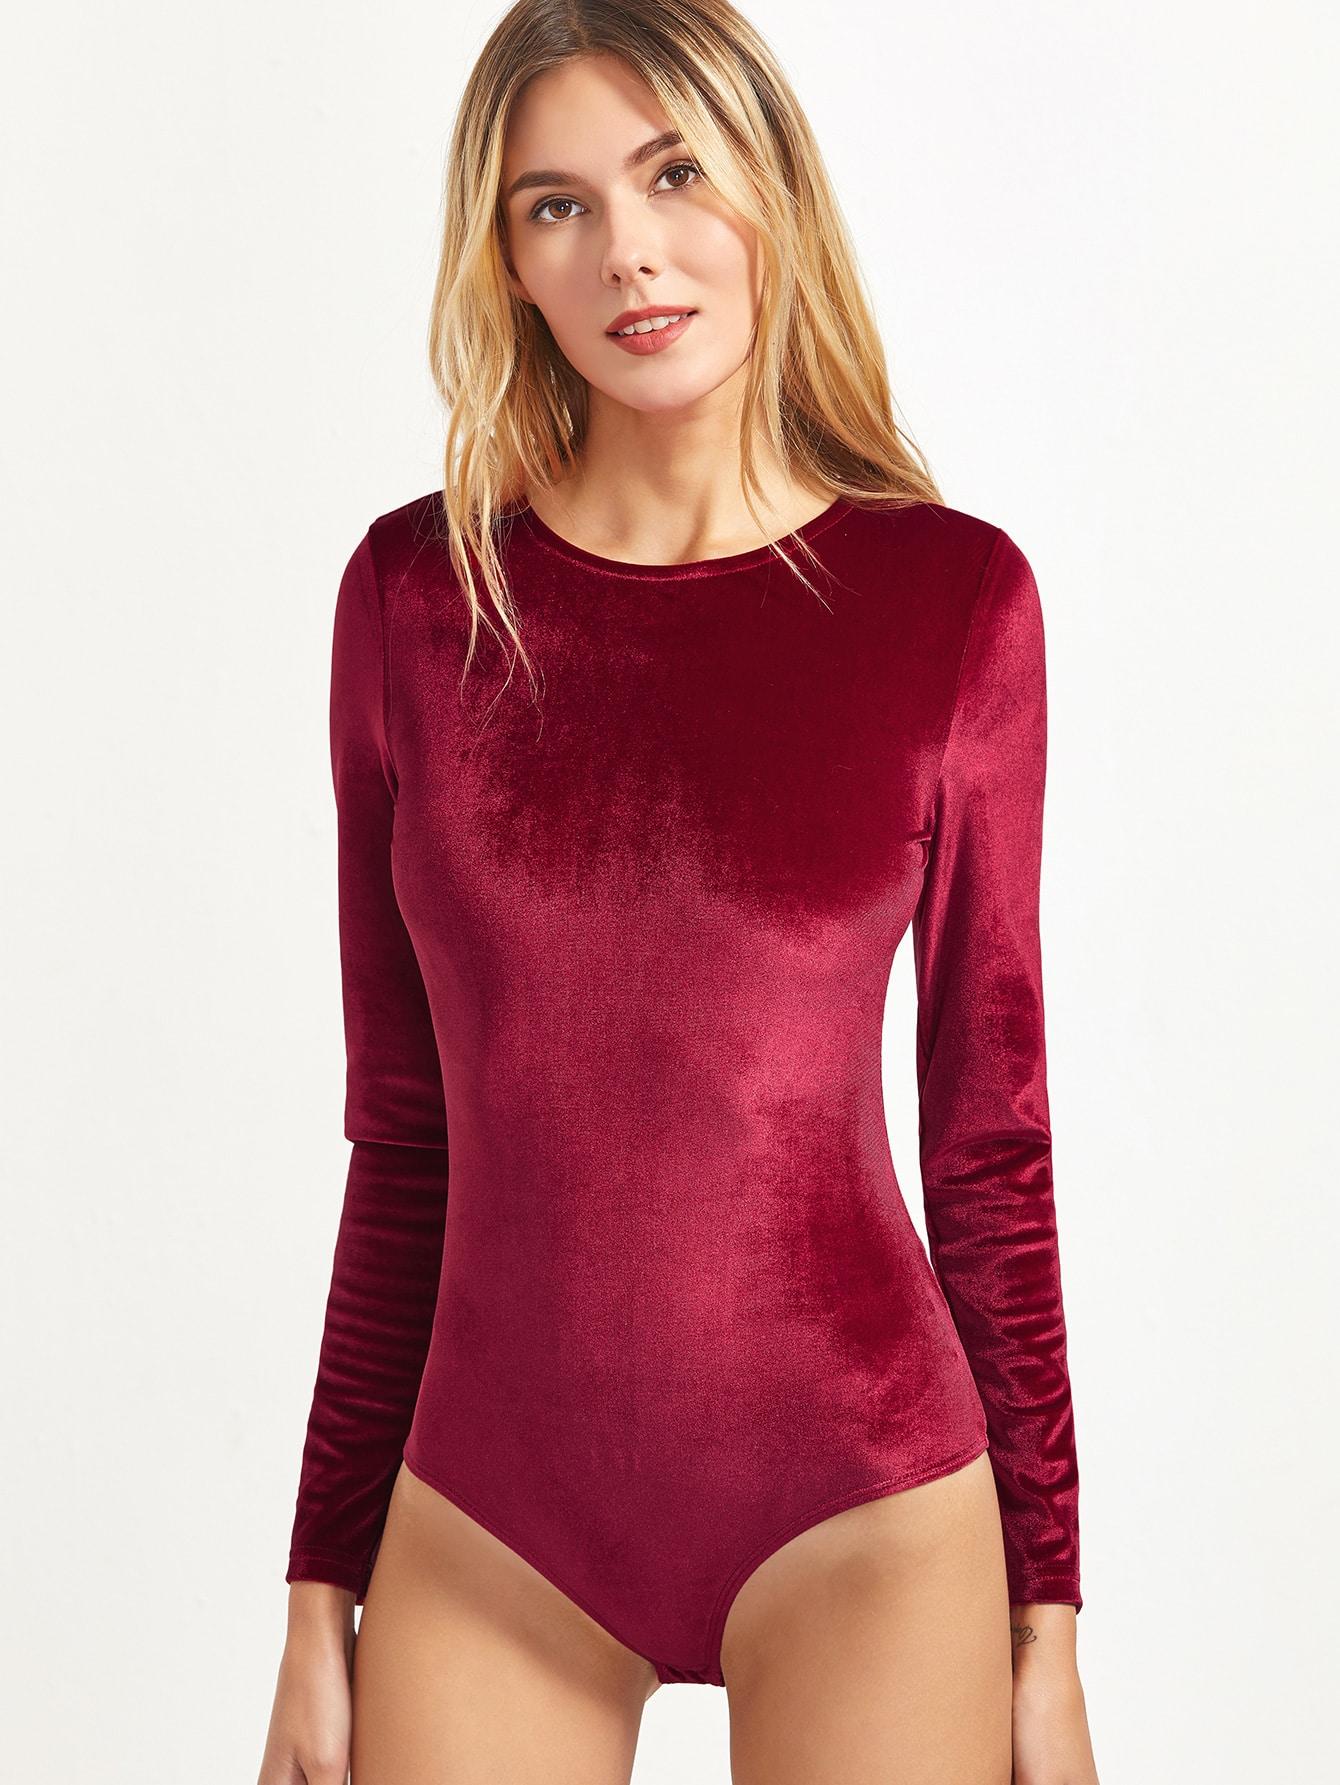 bodysuit161121701_2